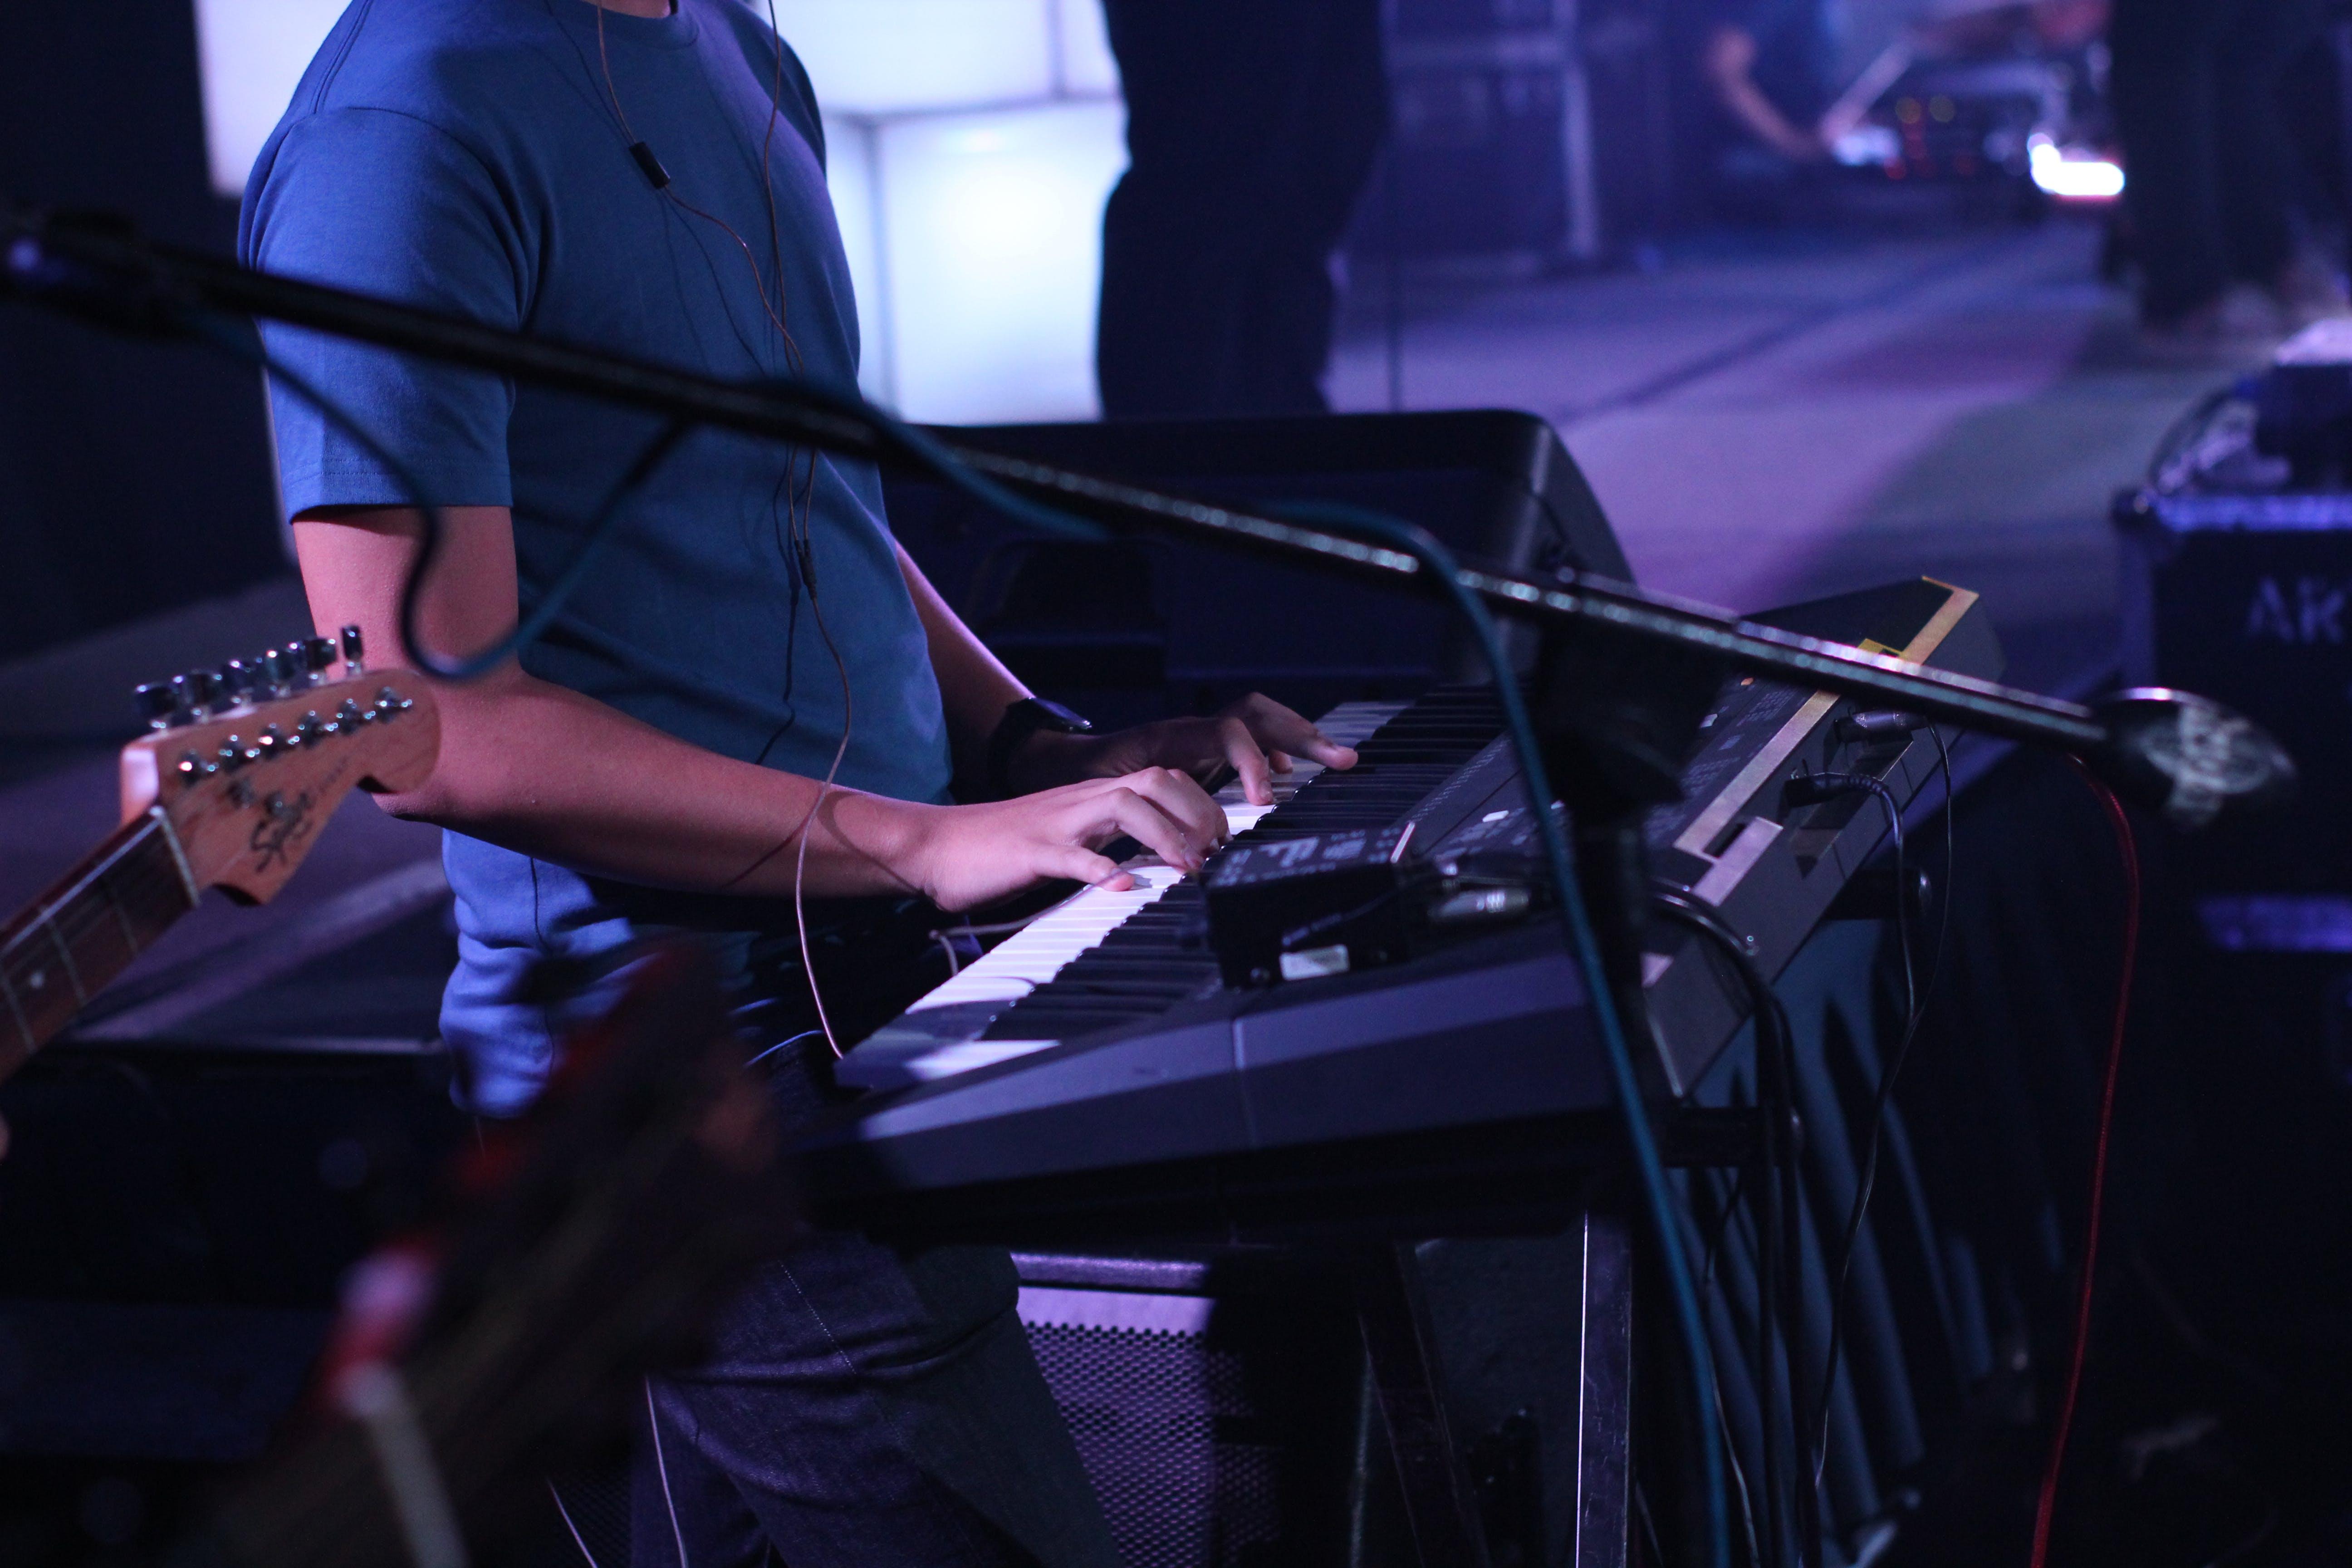 Man Standing While Playing Keyboard